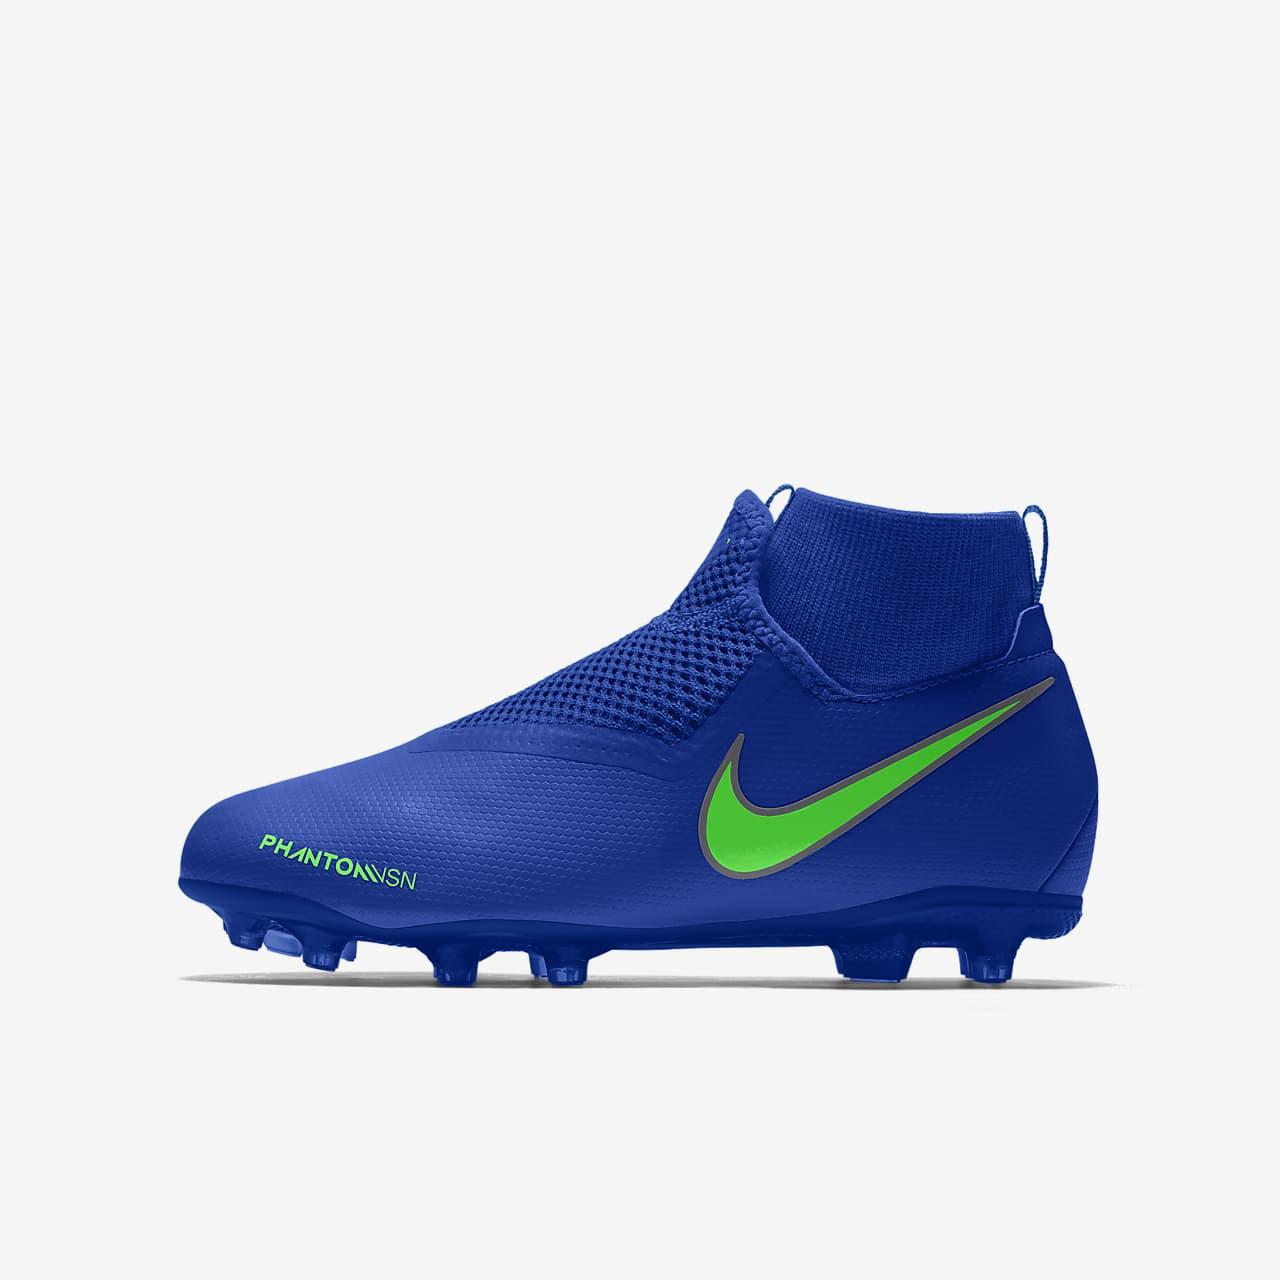 Personalizowane korki piłkarskie na różne nawierzchnie dla dużych dzieci Nike Phantom Vision Academy Jr. MG By You